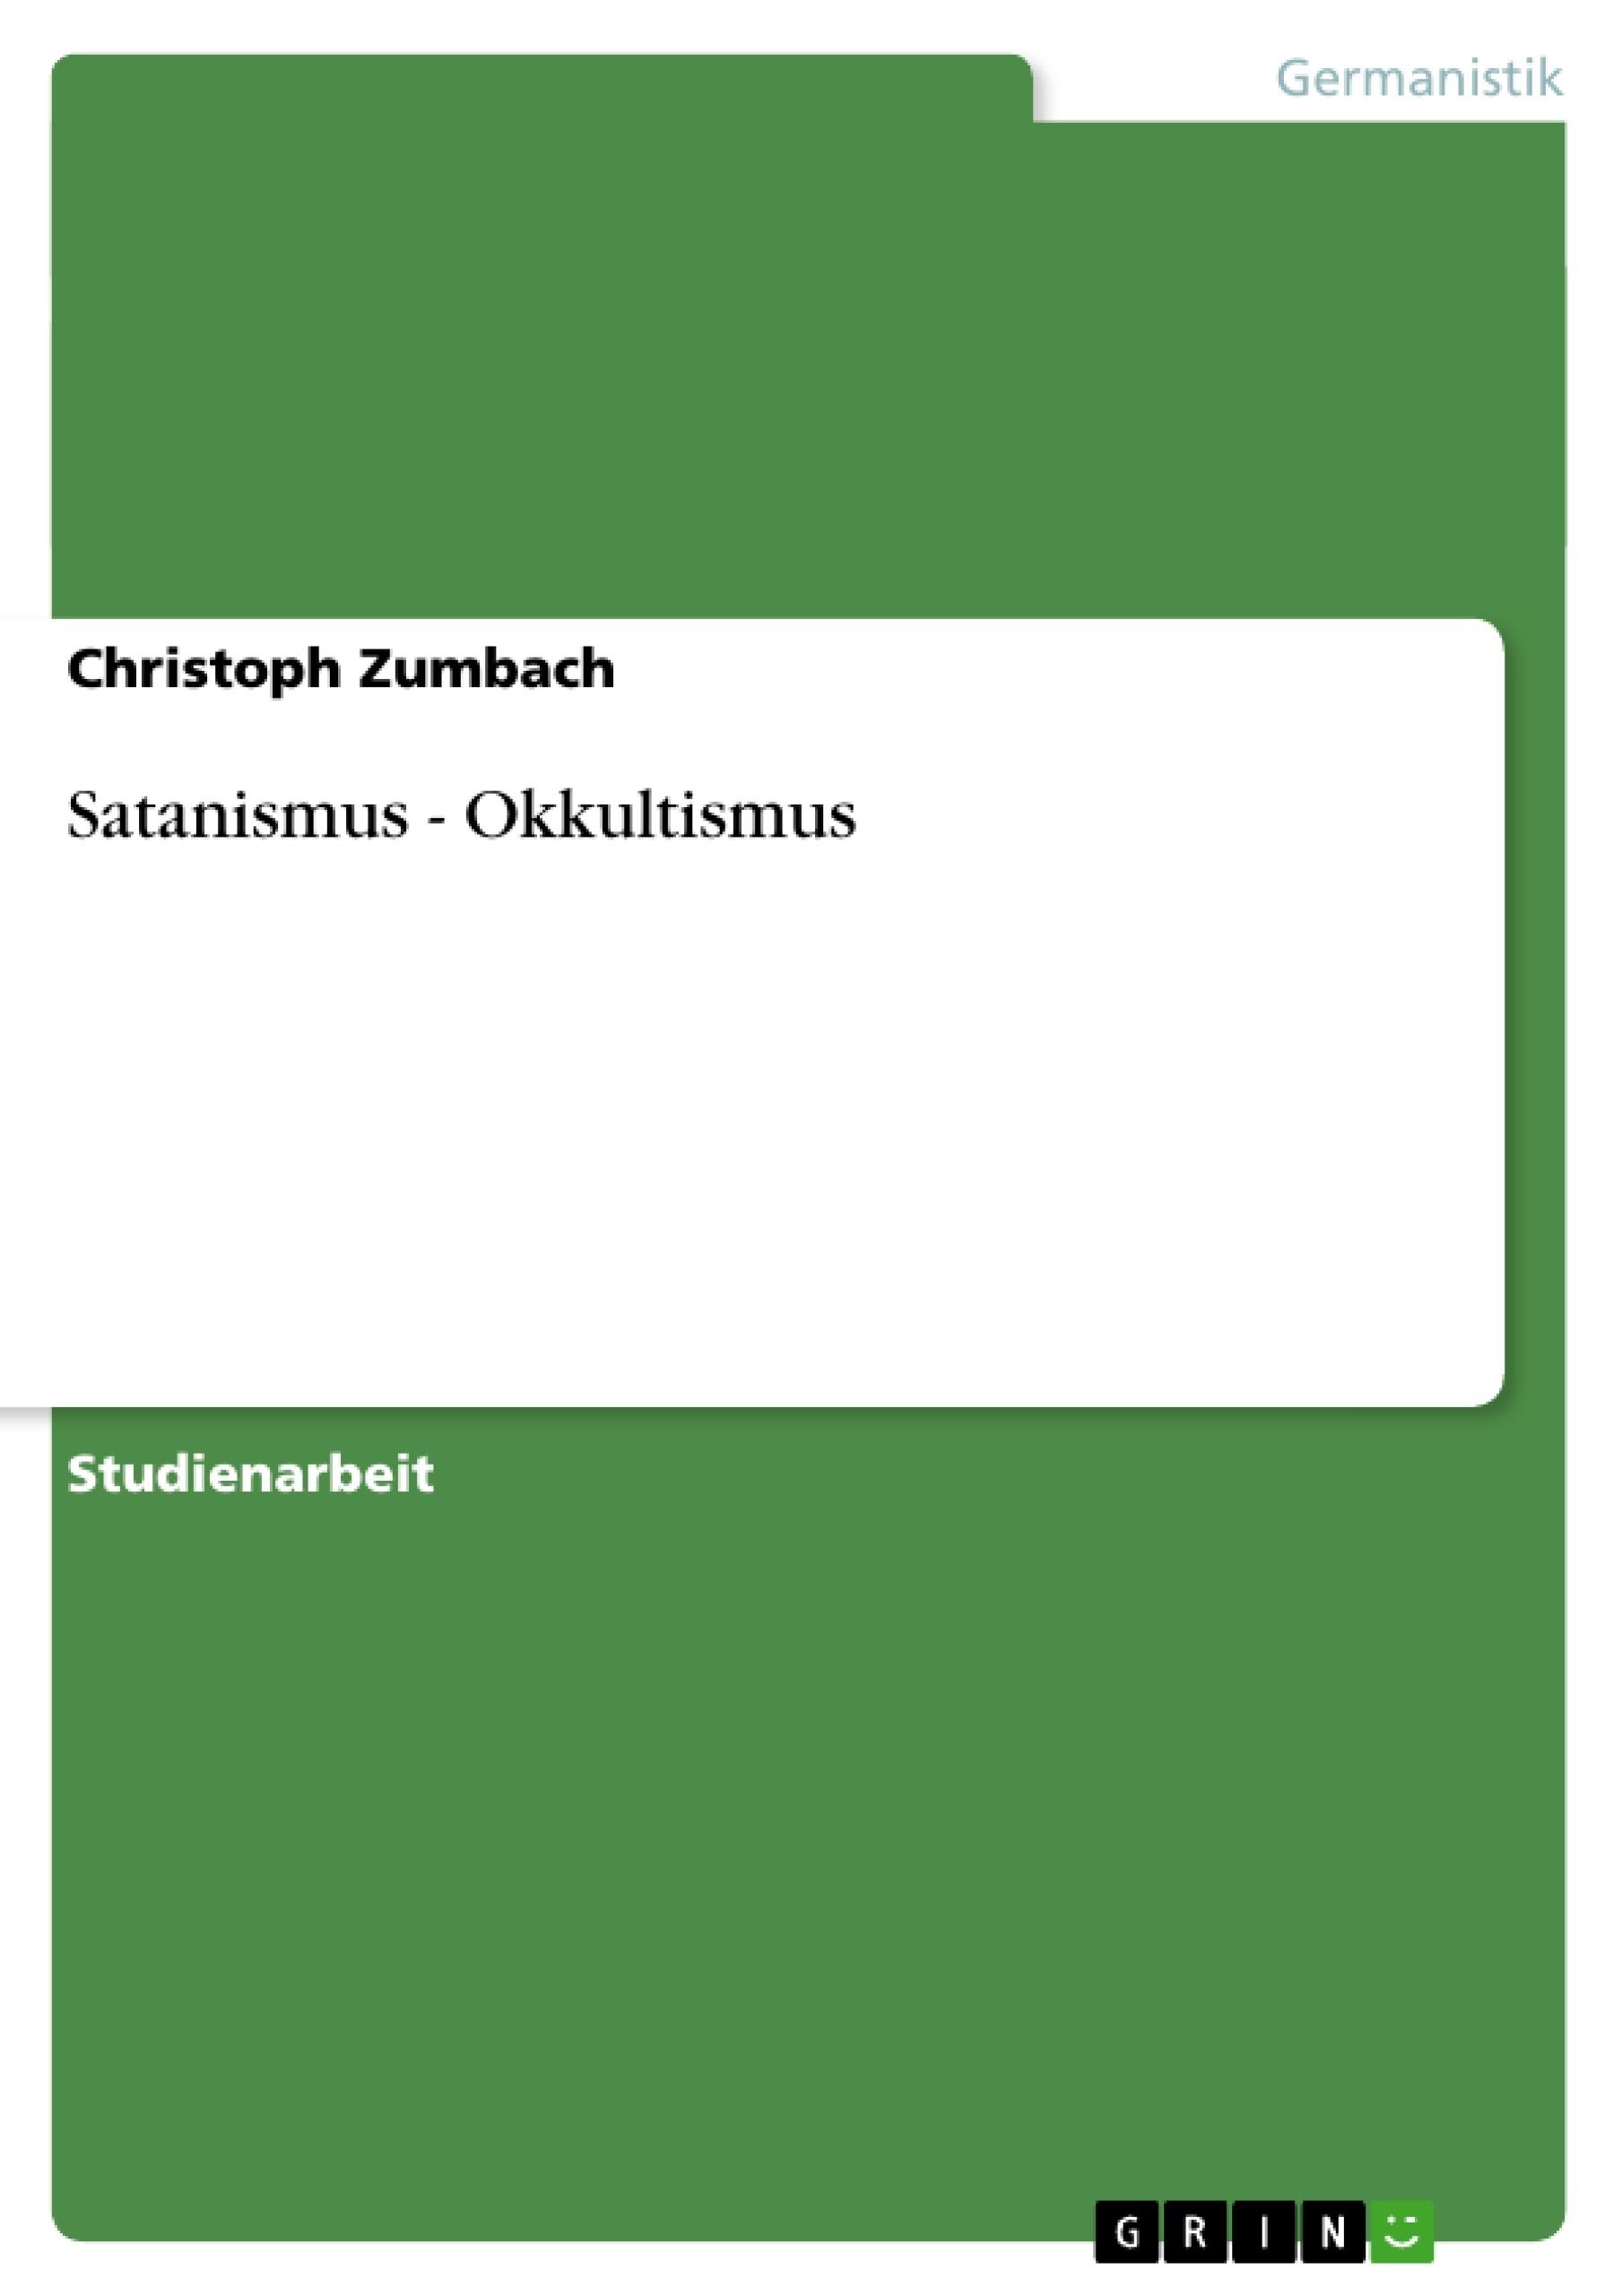 Titel: Satanismus - Okkultismus